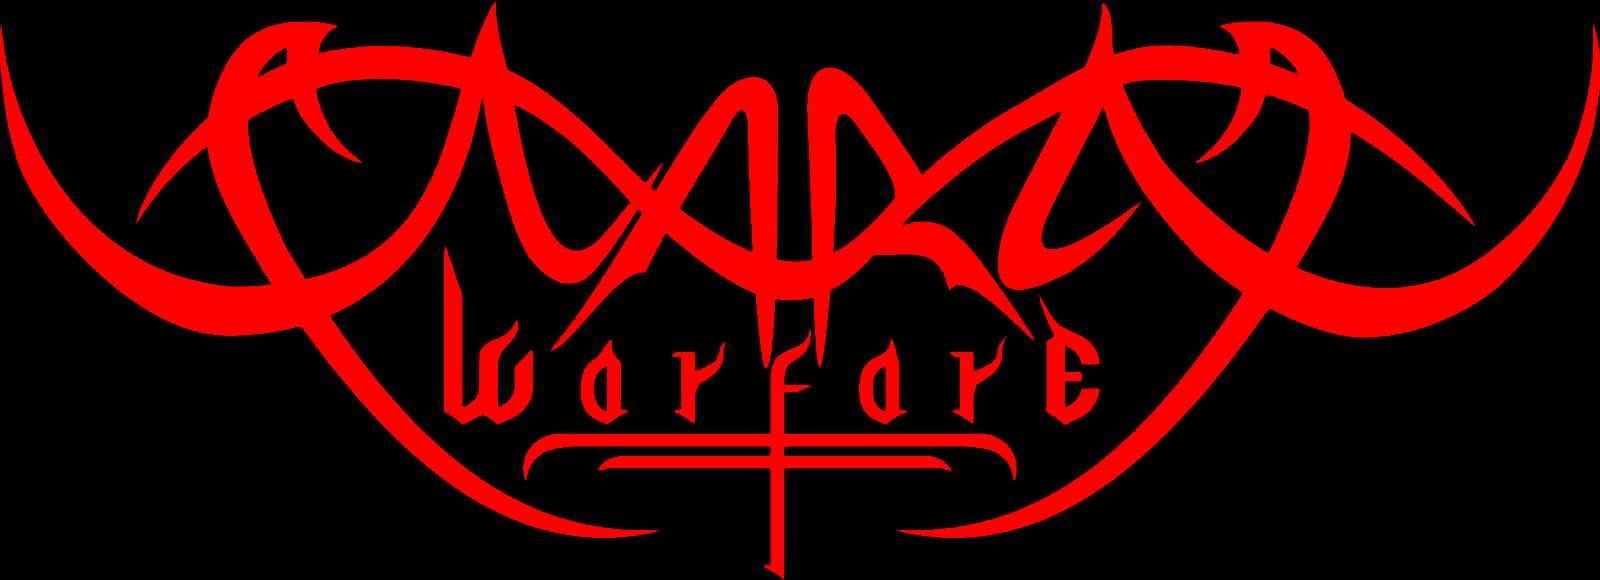 Warfare Logo Scarlet Warfare Logo